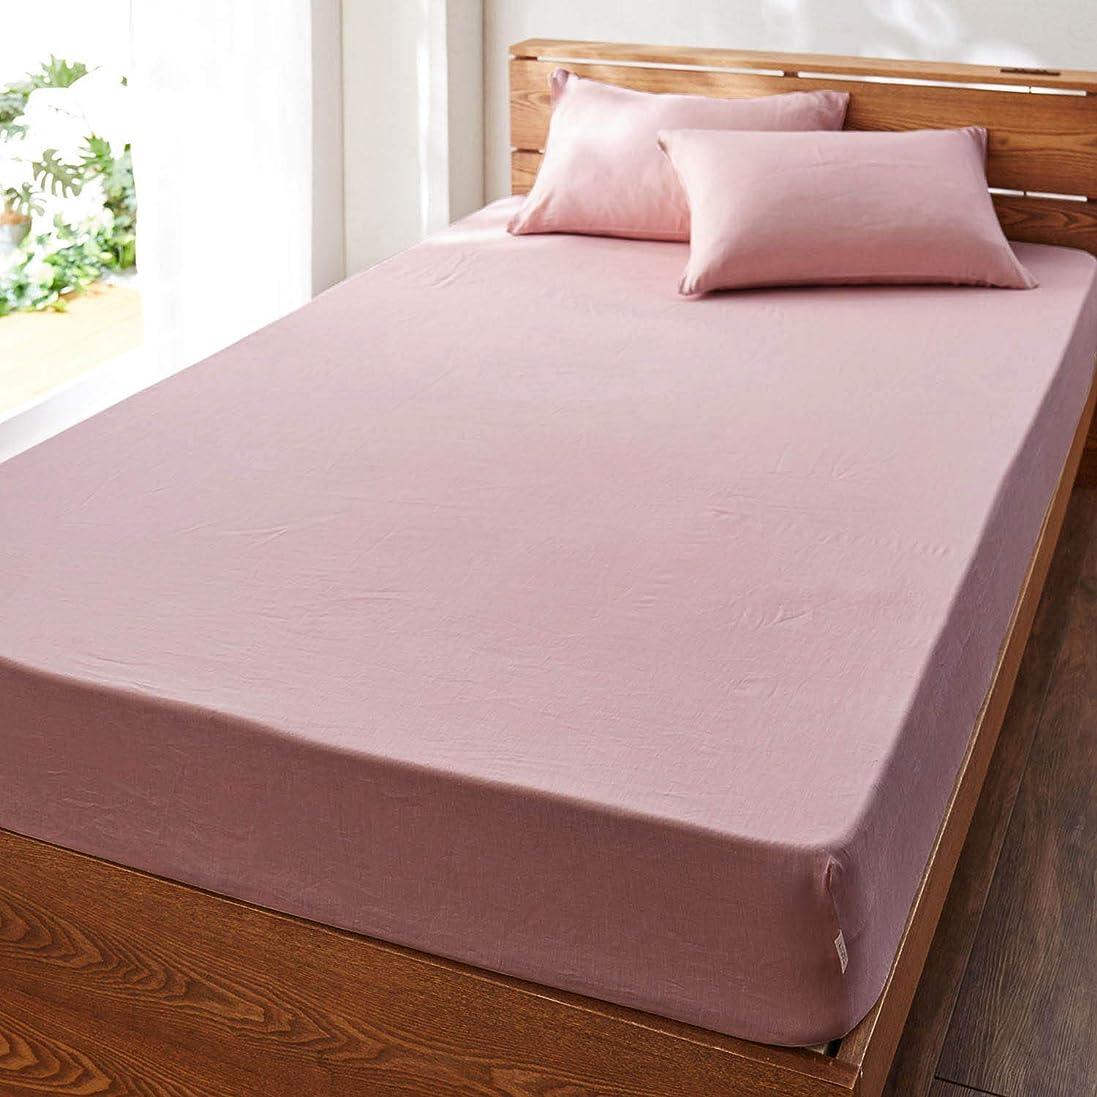 してはいけません事務所傭兵[ベルメゾン] ボックスシーツ ダブル リネン 洗える 140×200cm 麻100% フレンチリネンボックスシーツ ピンク